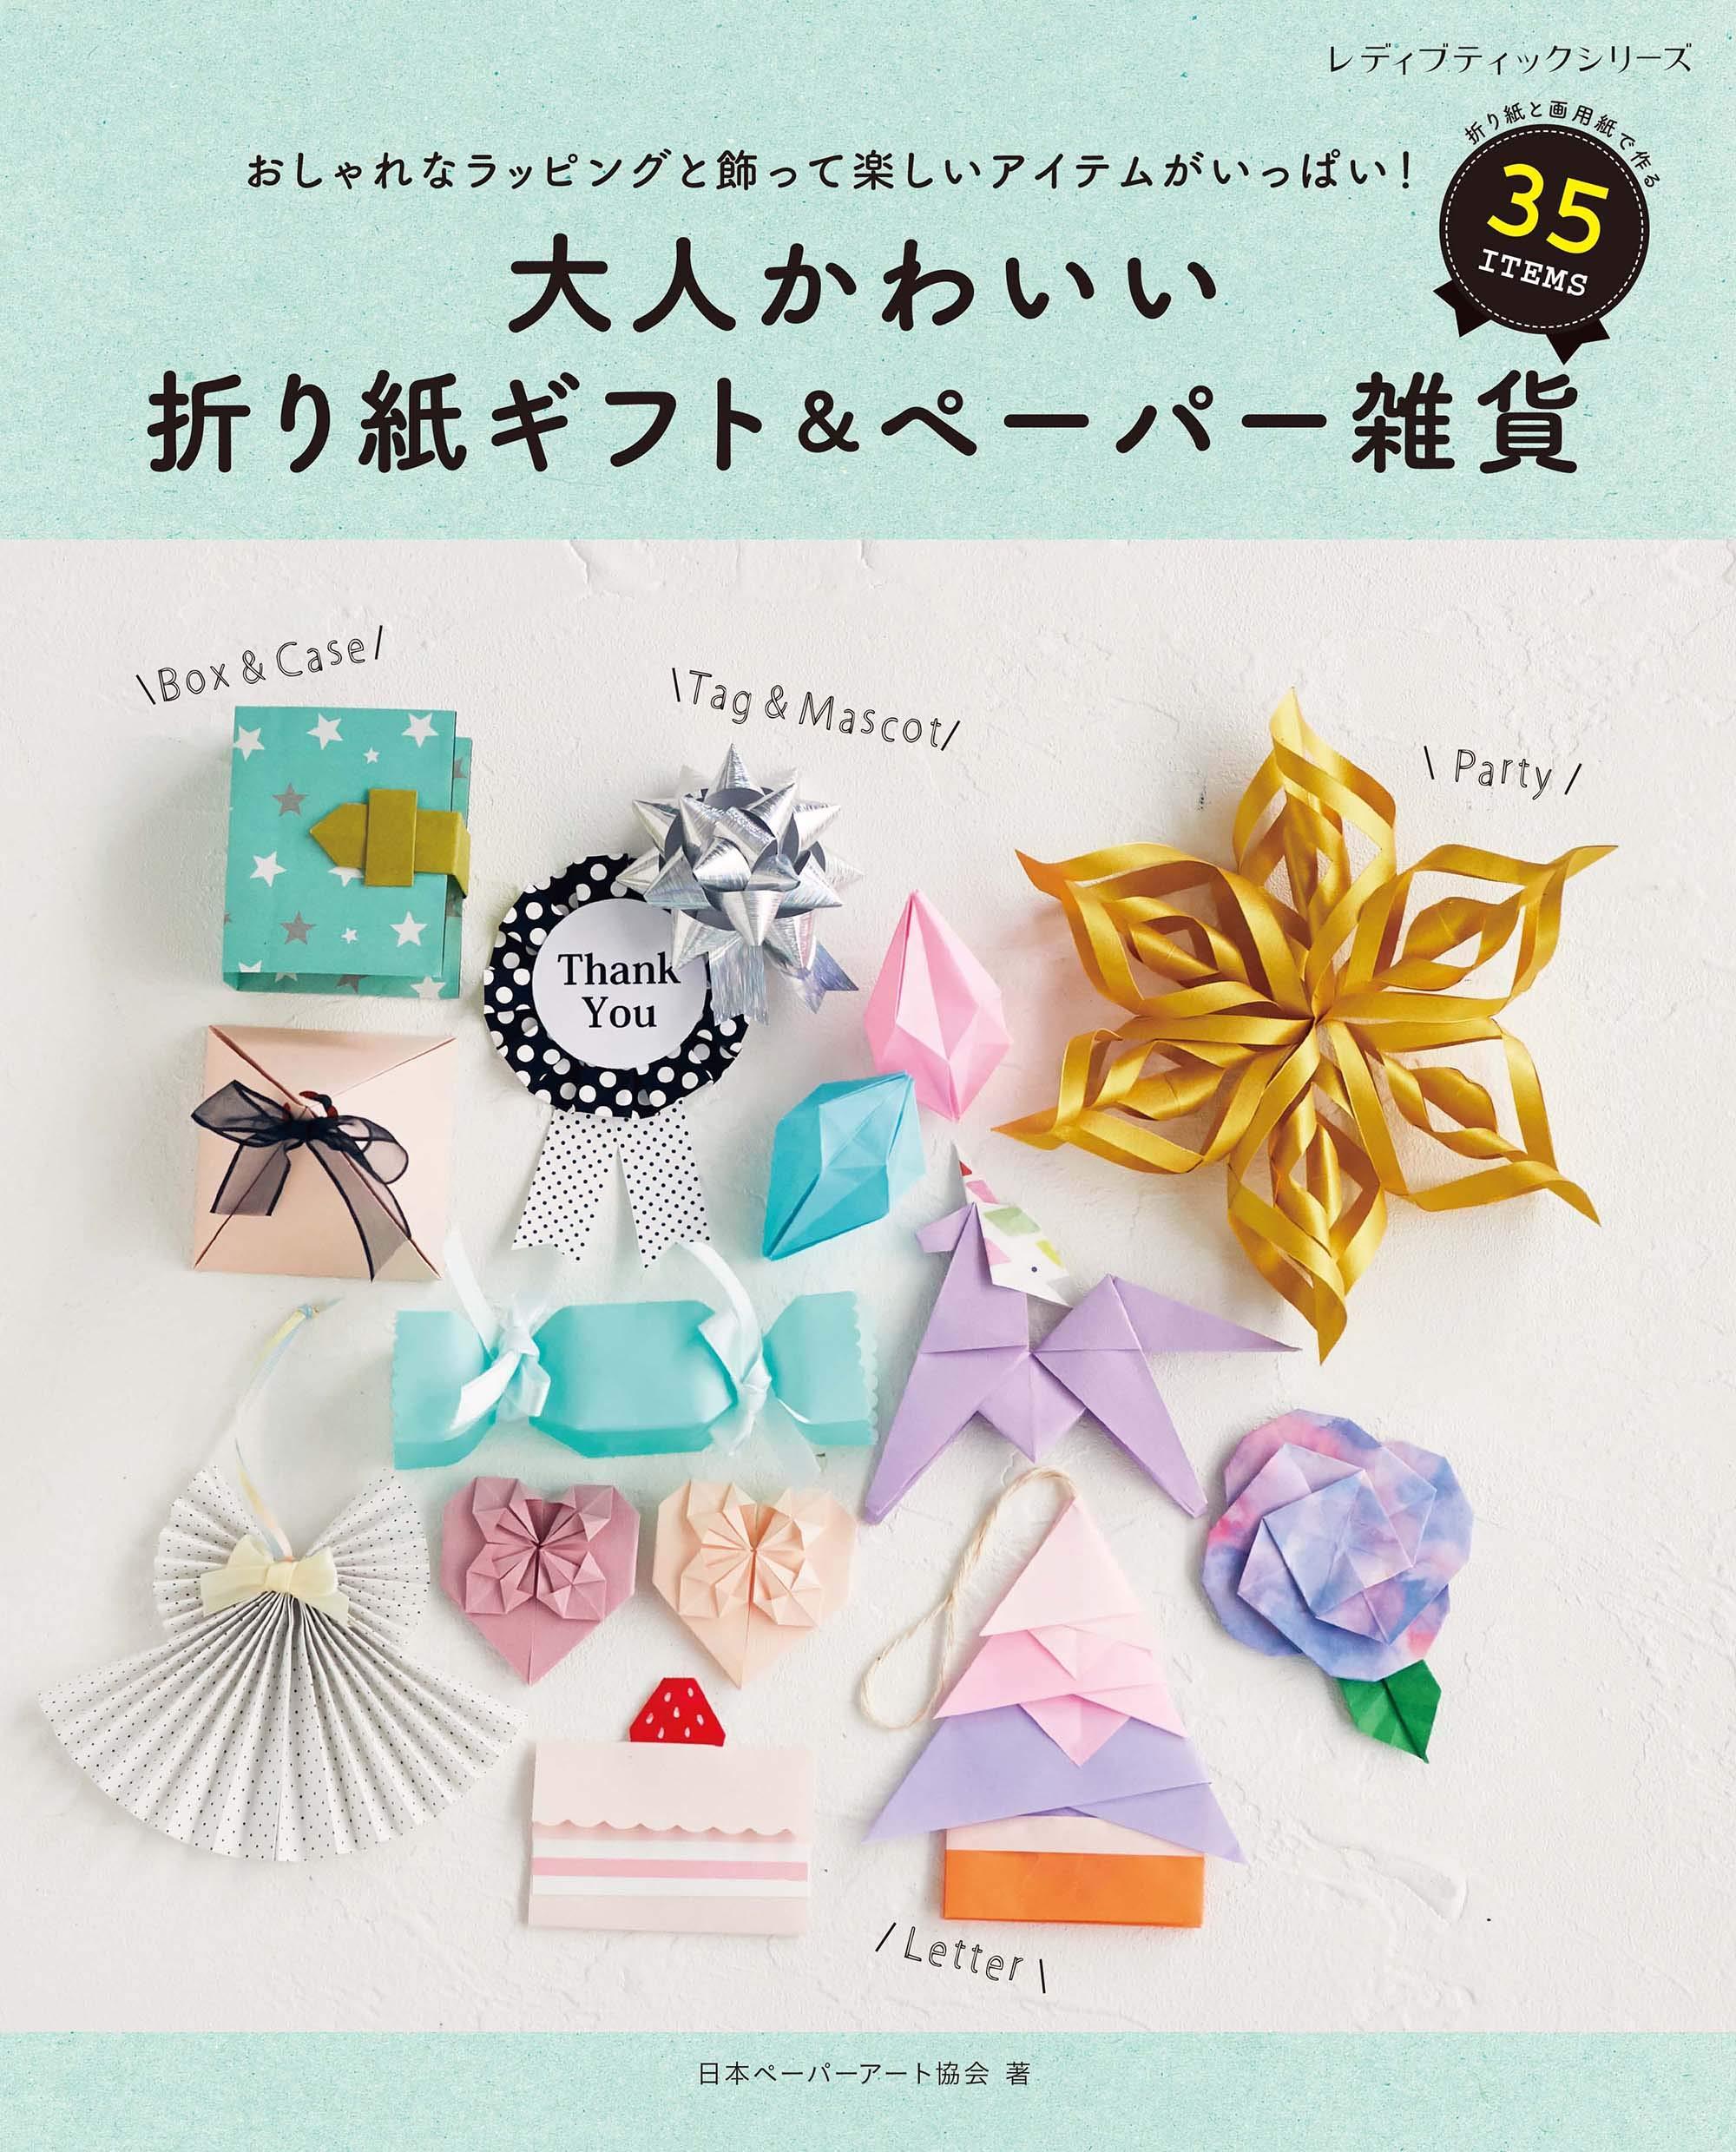 大人かわいい折り紙ギフト&ペーパー雑貨